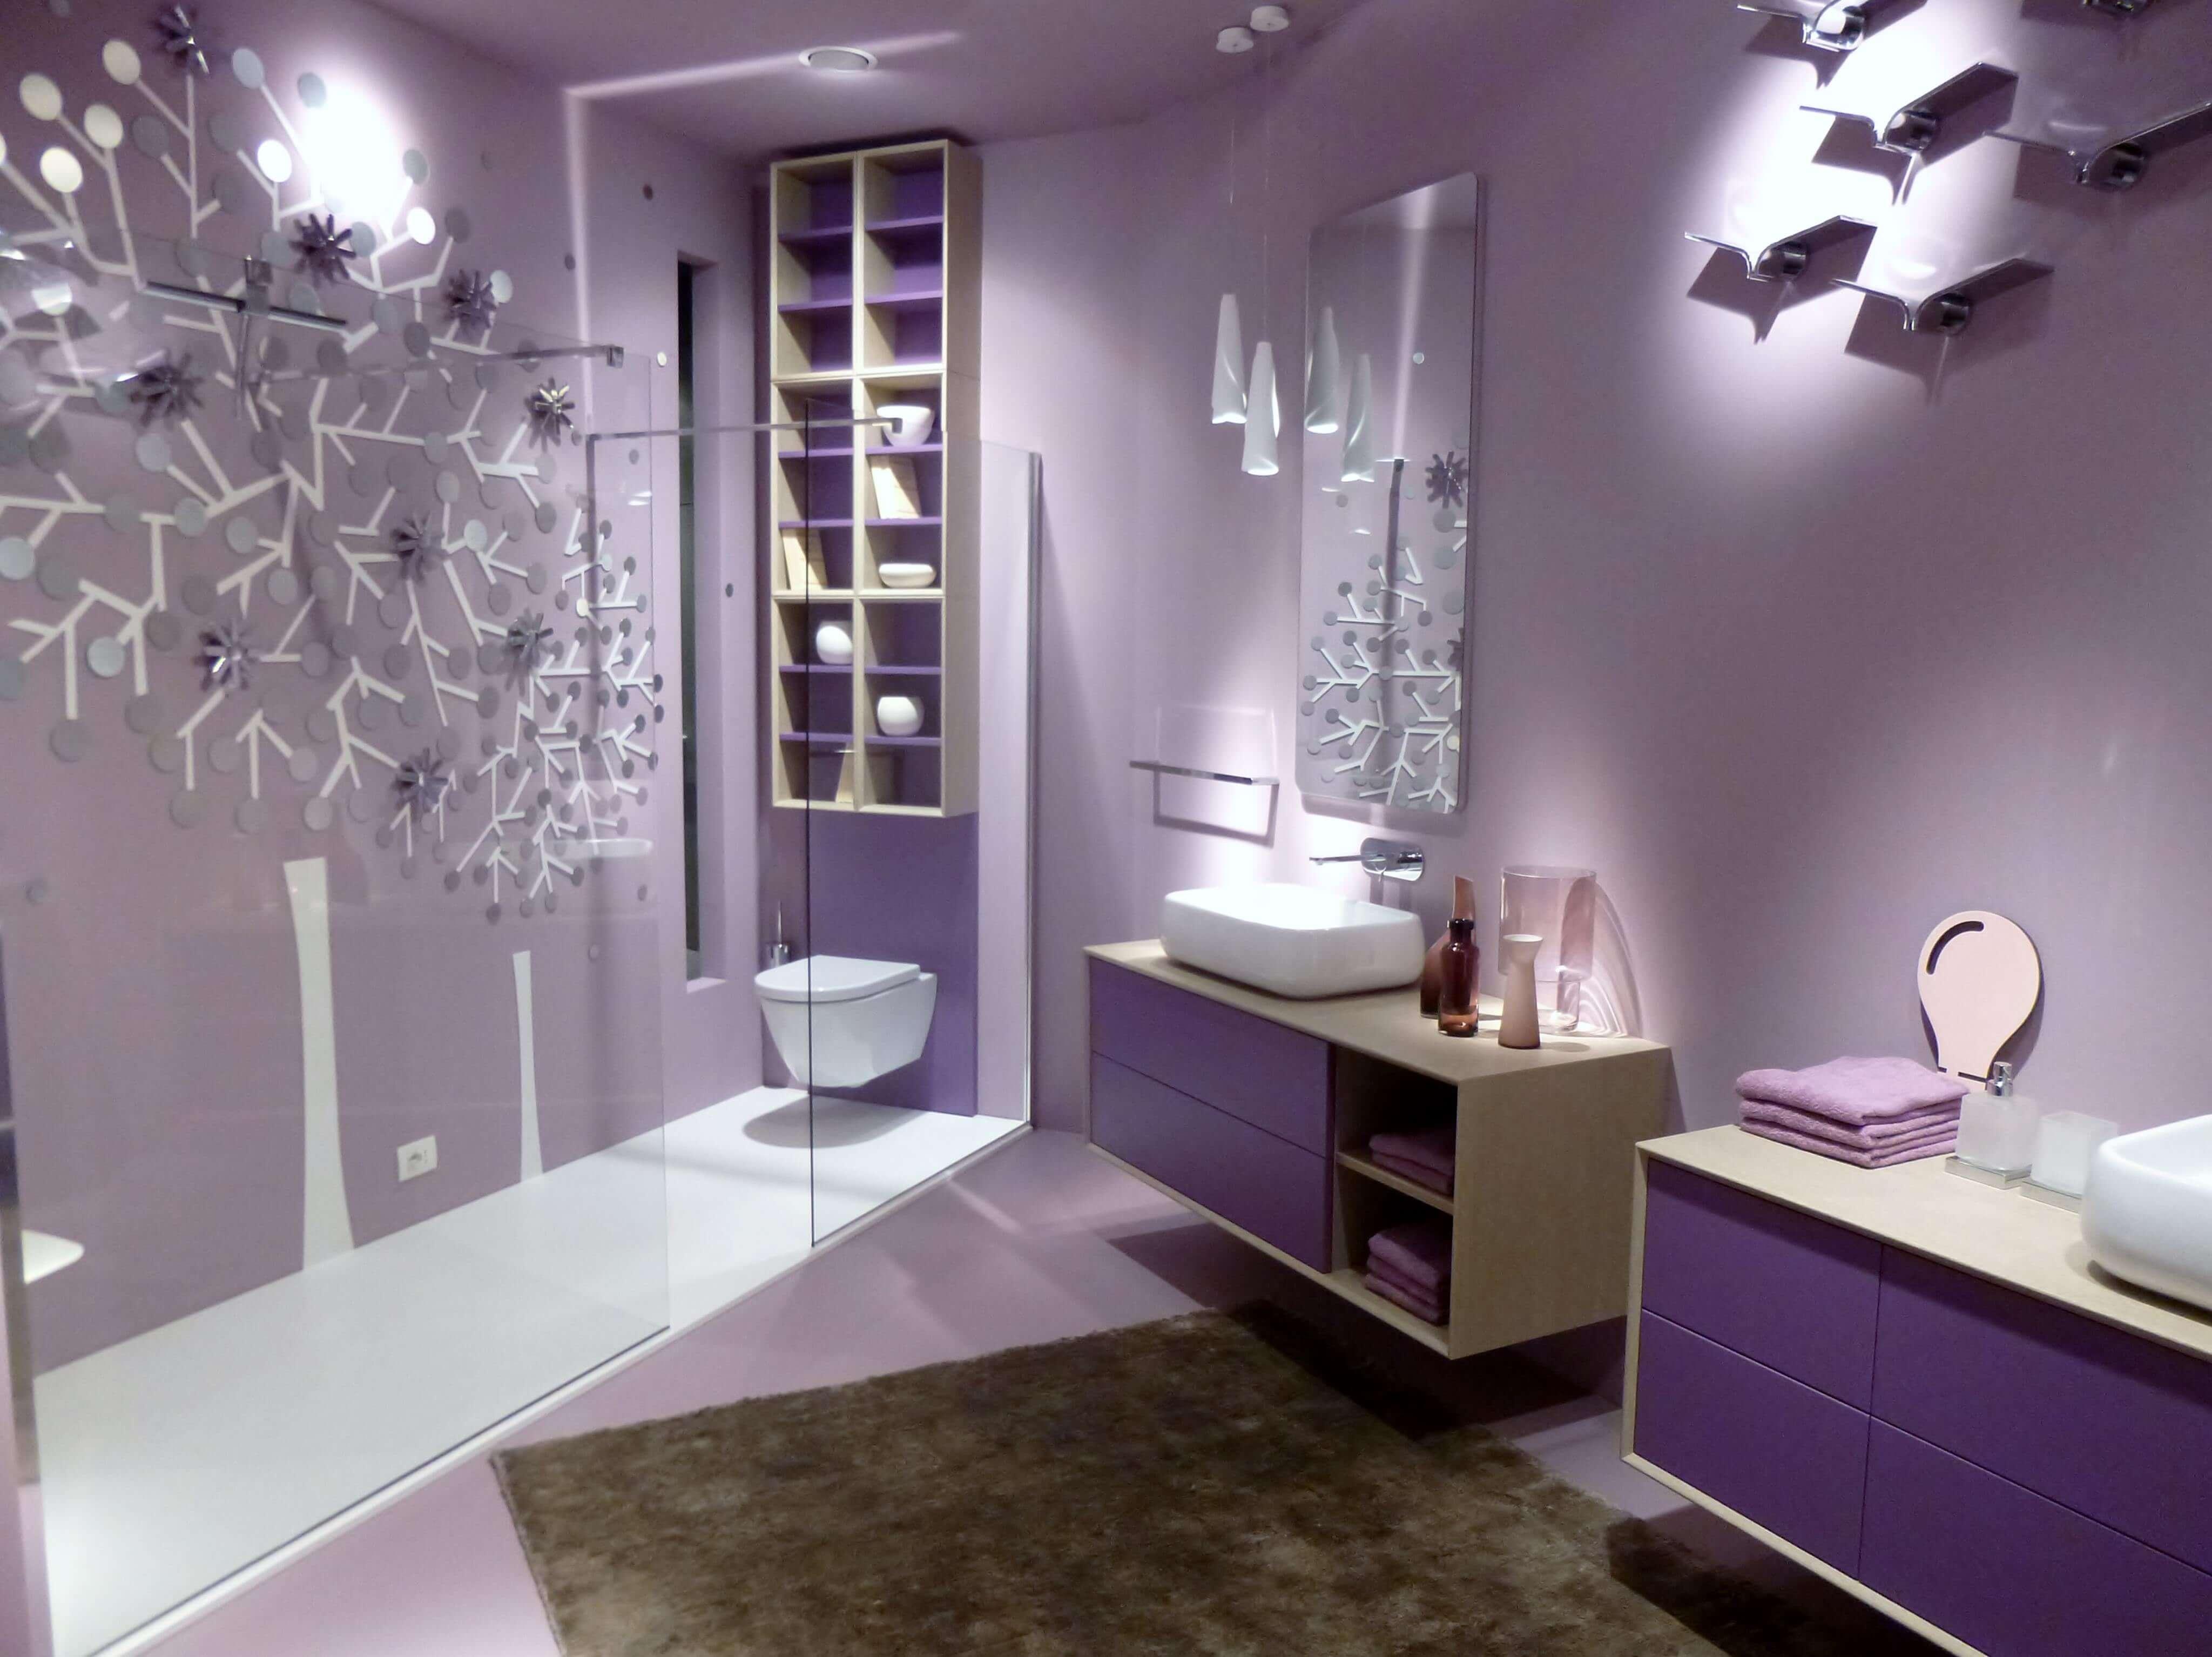 salone del bagno die gr te badezimmermesse der welt. Black Bedroom Furniture Sets. Home Design Ideas